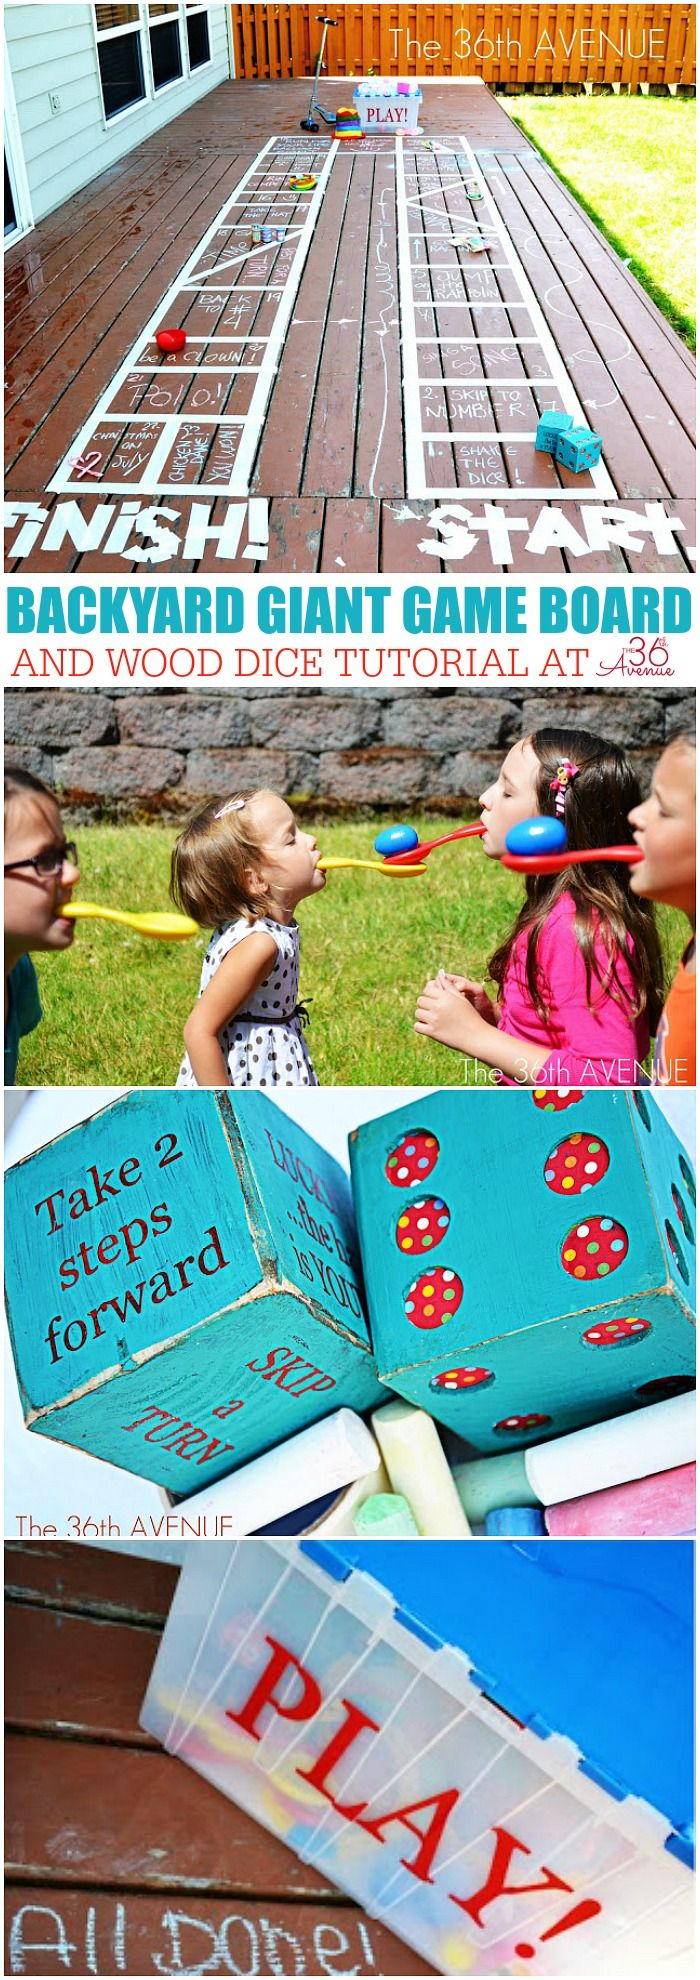 Attività per bambini - Come fare un cortile gigante gioco da tavolo a the36thavenue.com Pin ora e giocare più tardi!